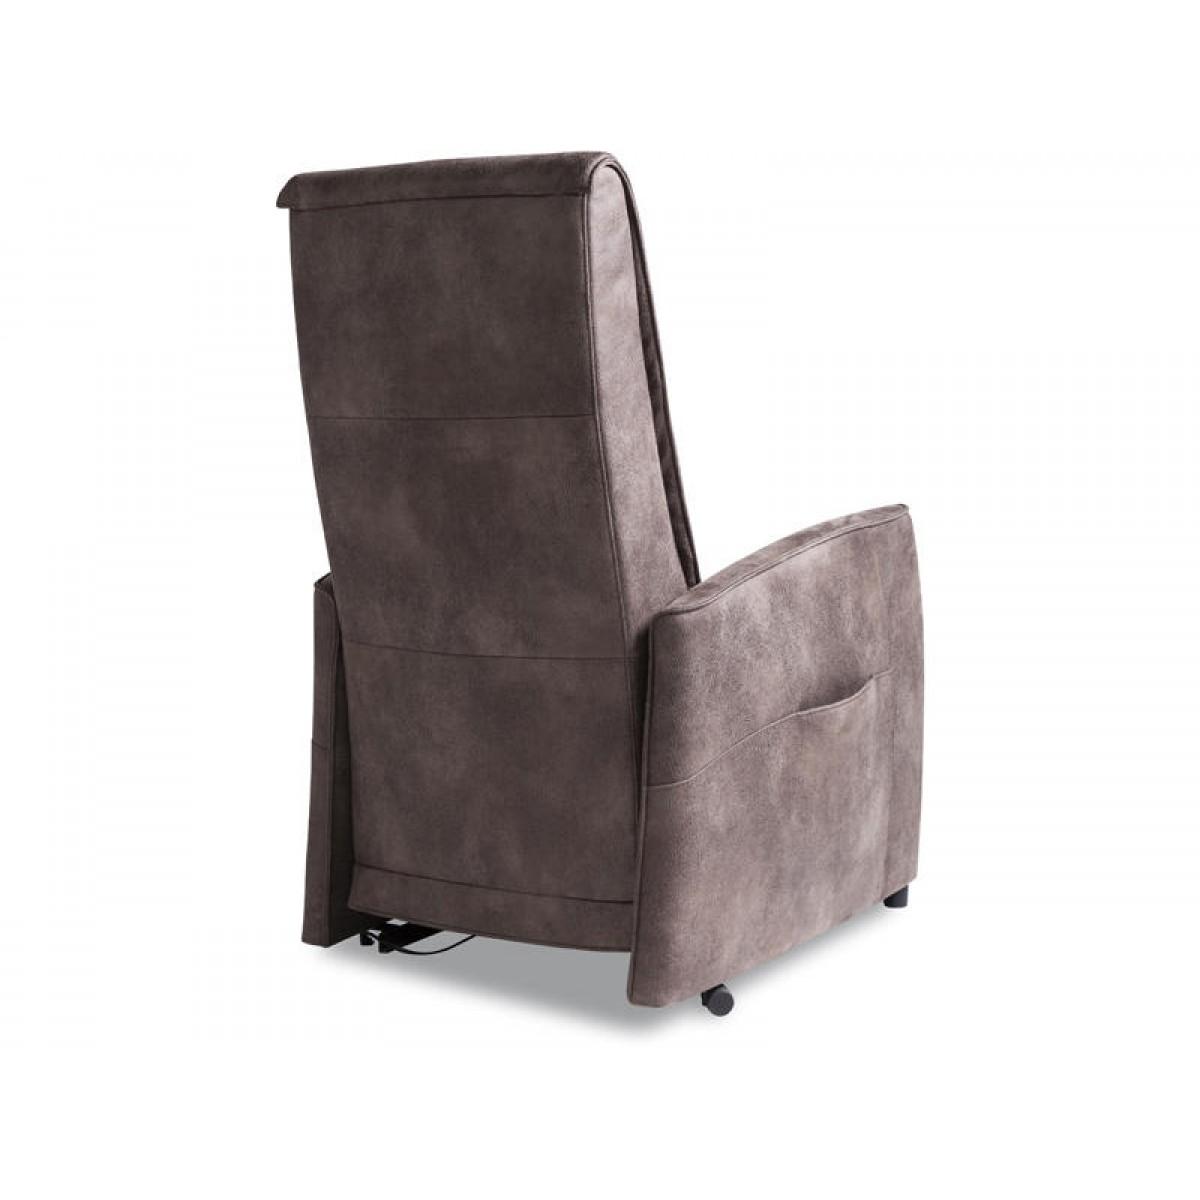 aron-sta-op-relaxfauteuil-gealux-microfiber-deluxe-semira-rug